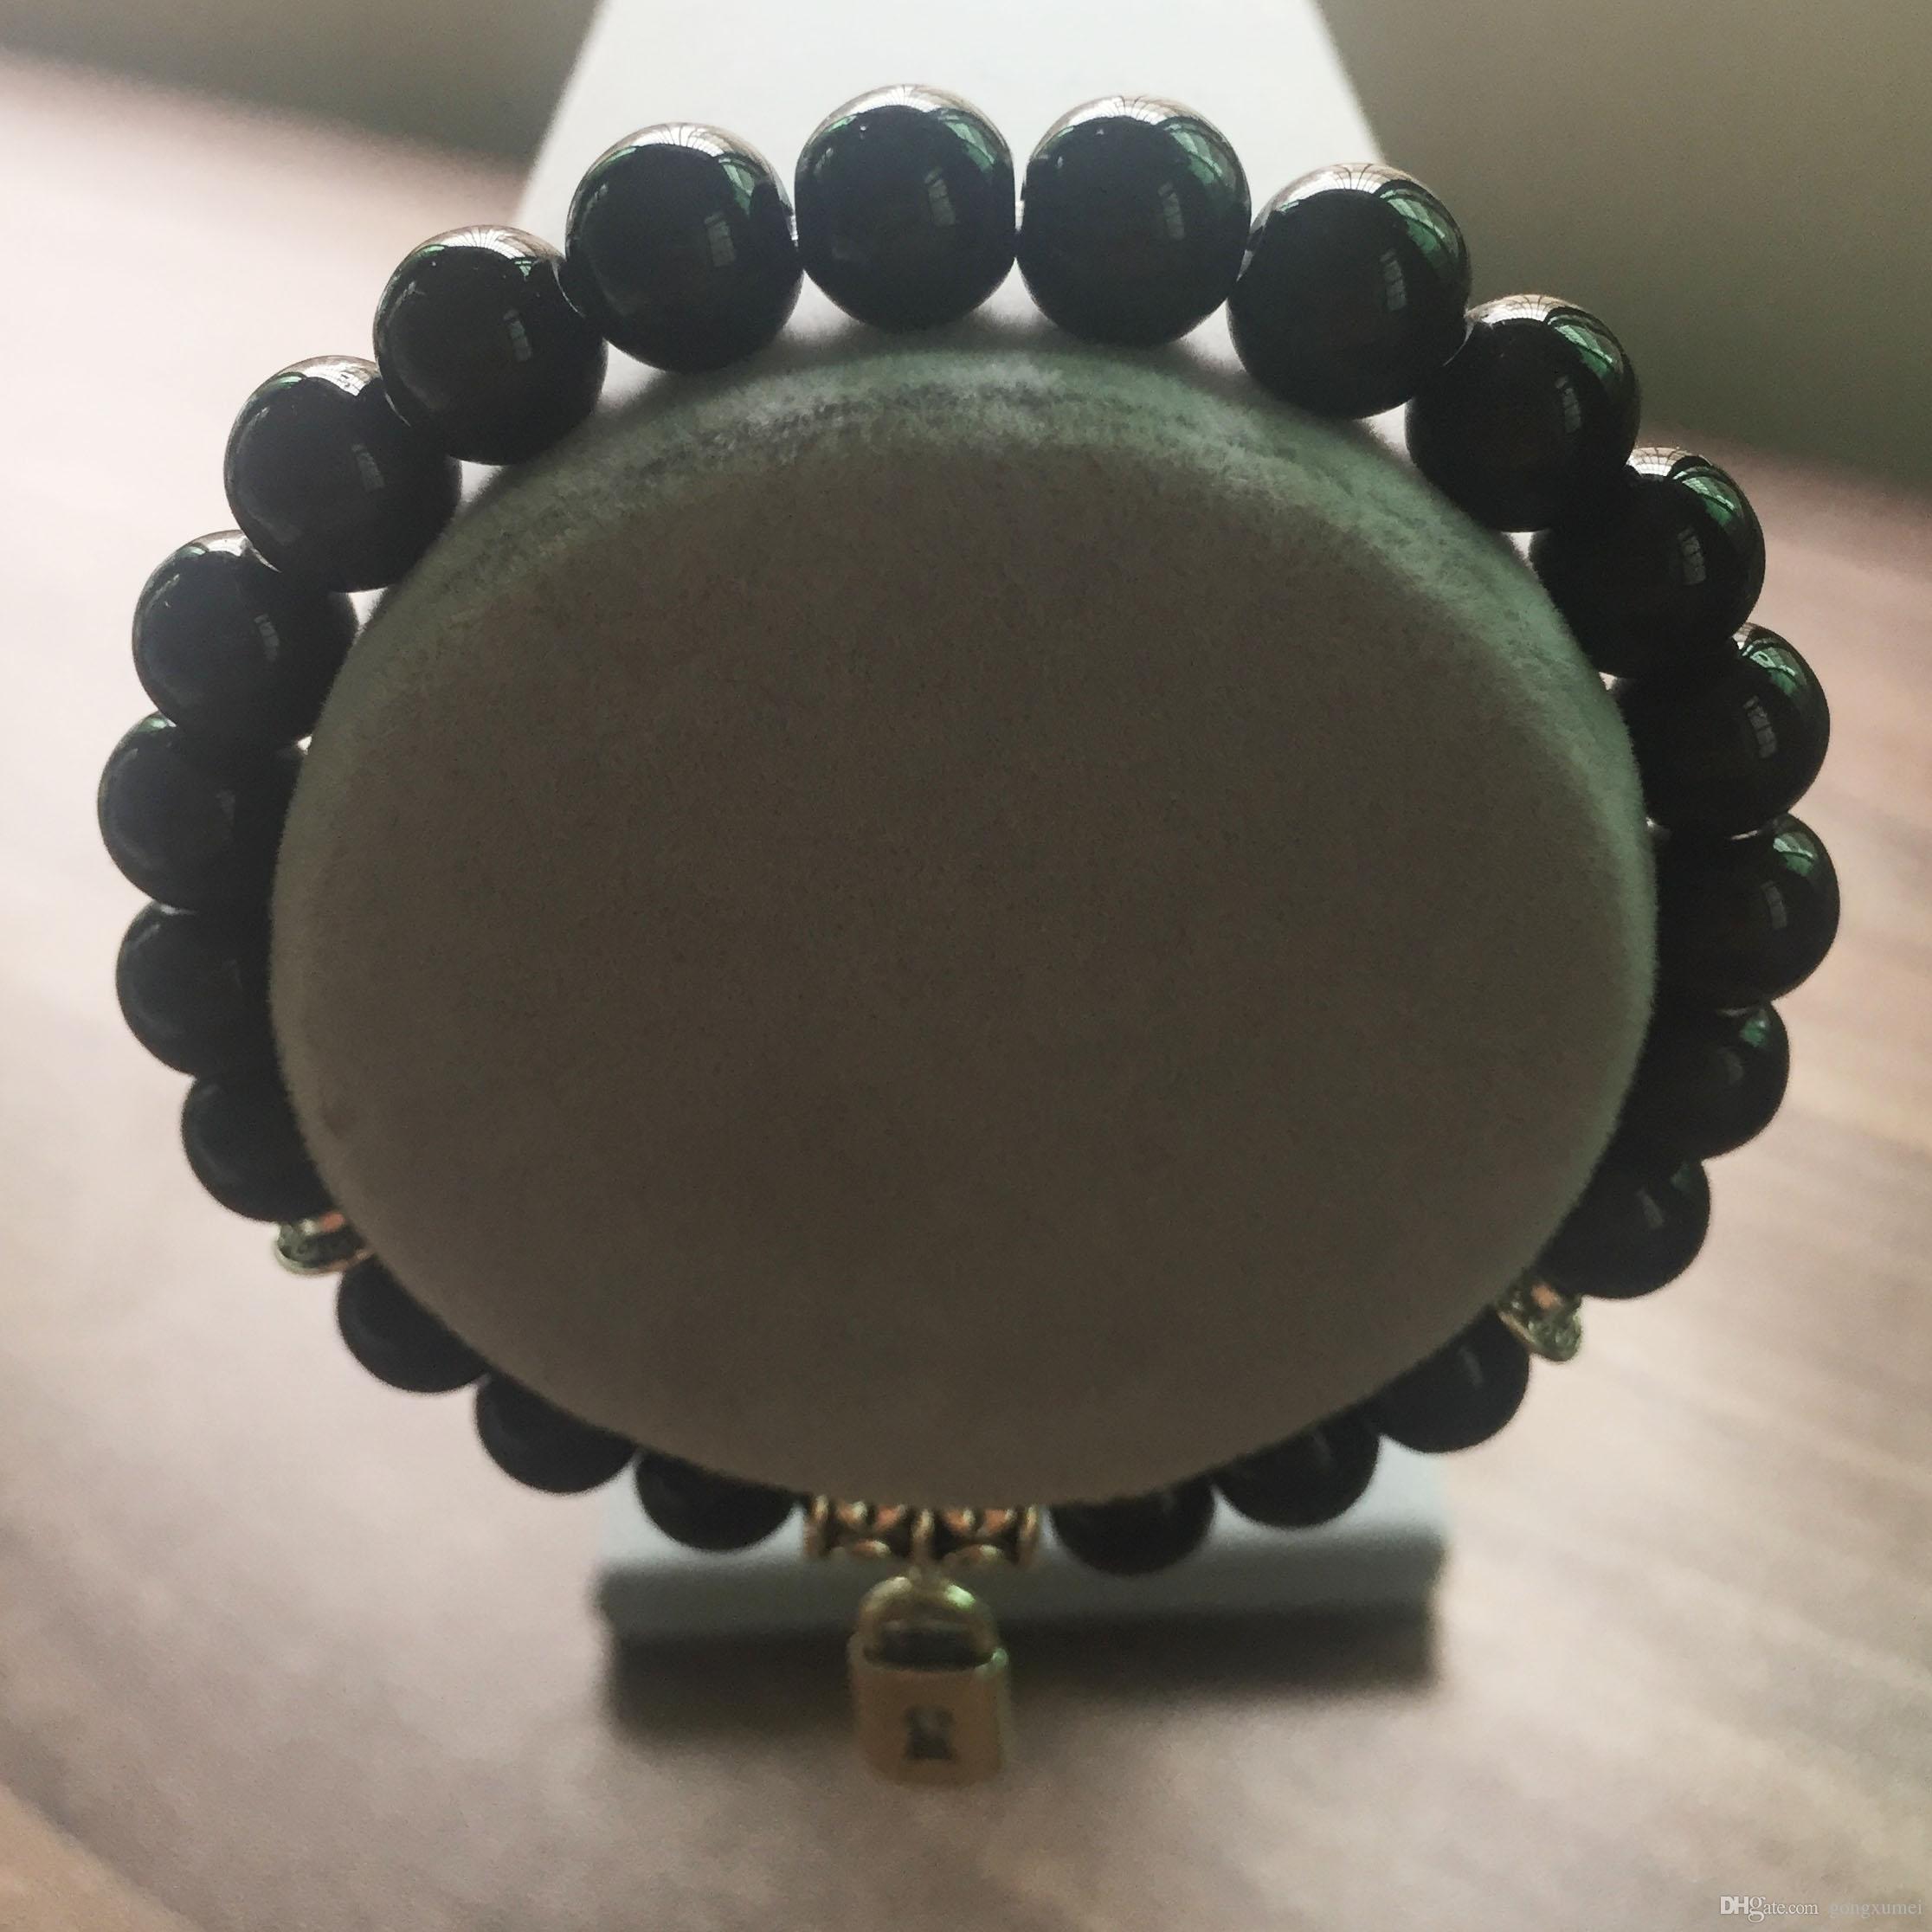 8MM Black Onyx Bracelet Round Bead Bracelet Natural Stone love lock pendant Yoga Prayer Bracelets Mala Beads Bracelets